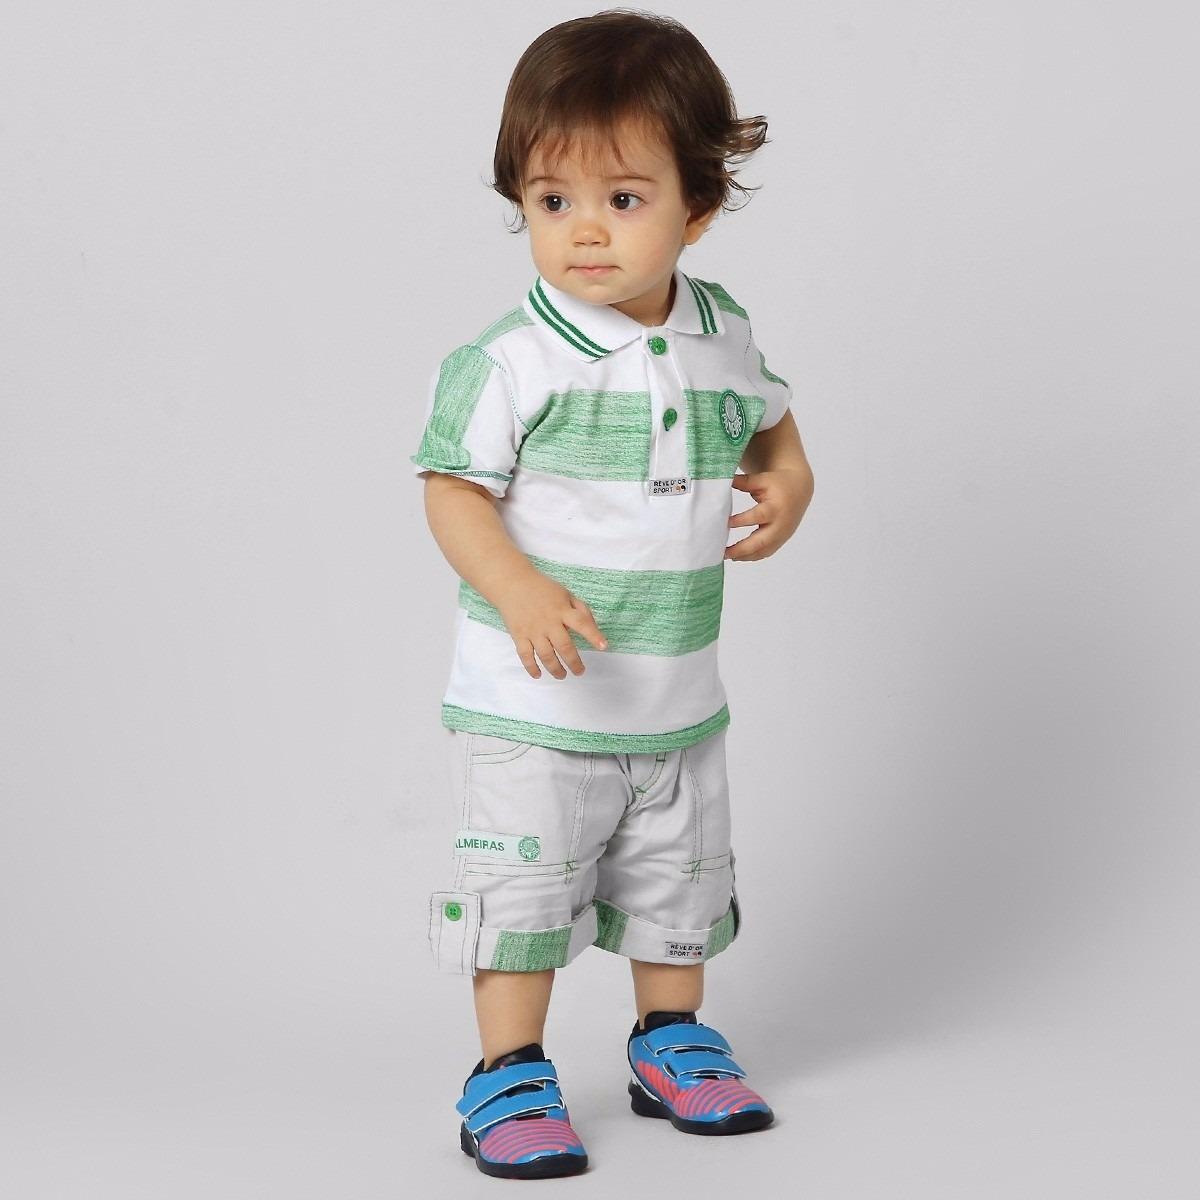 Camisa Do Palmeiras Bebê 091ffa93e8149